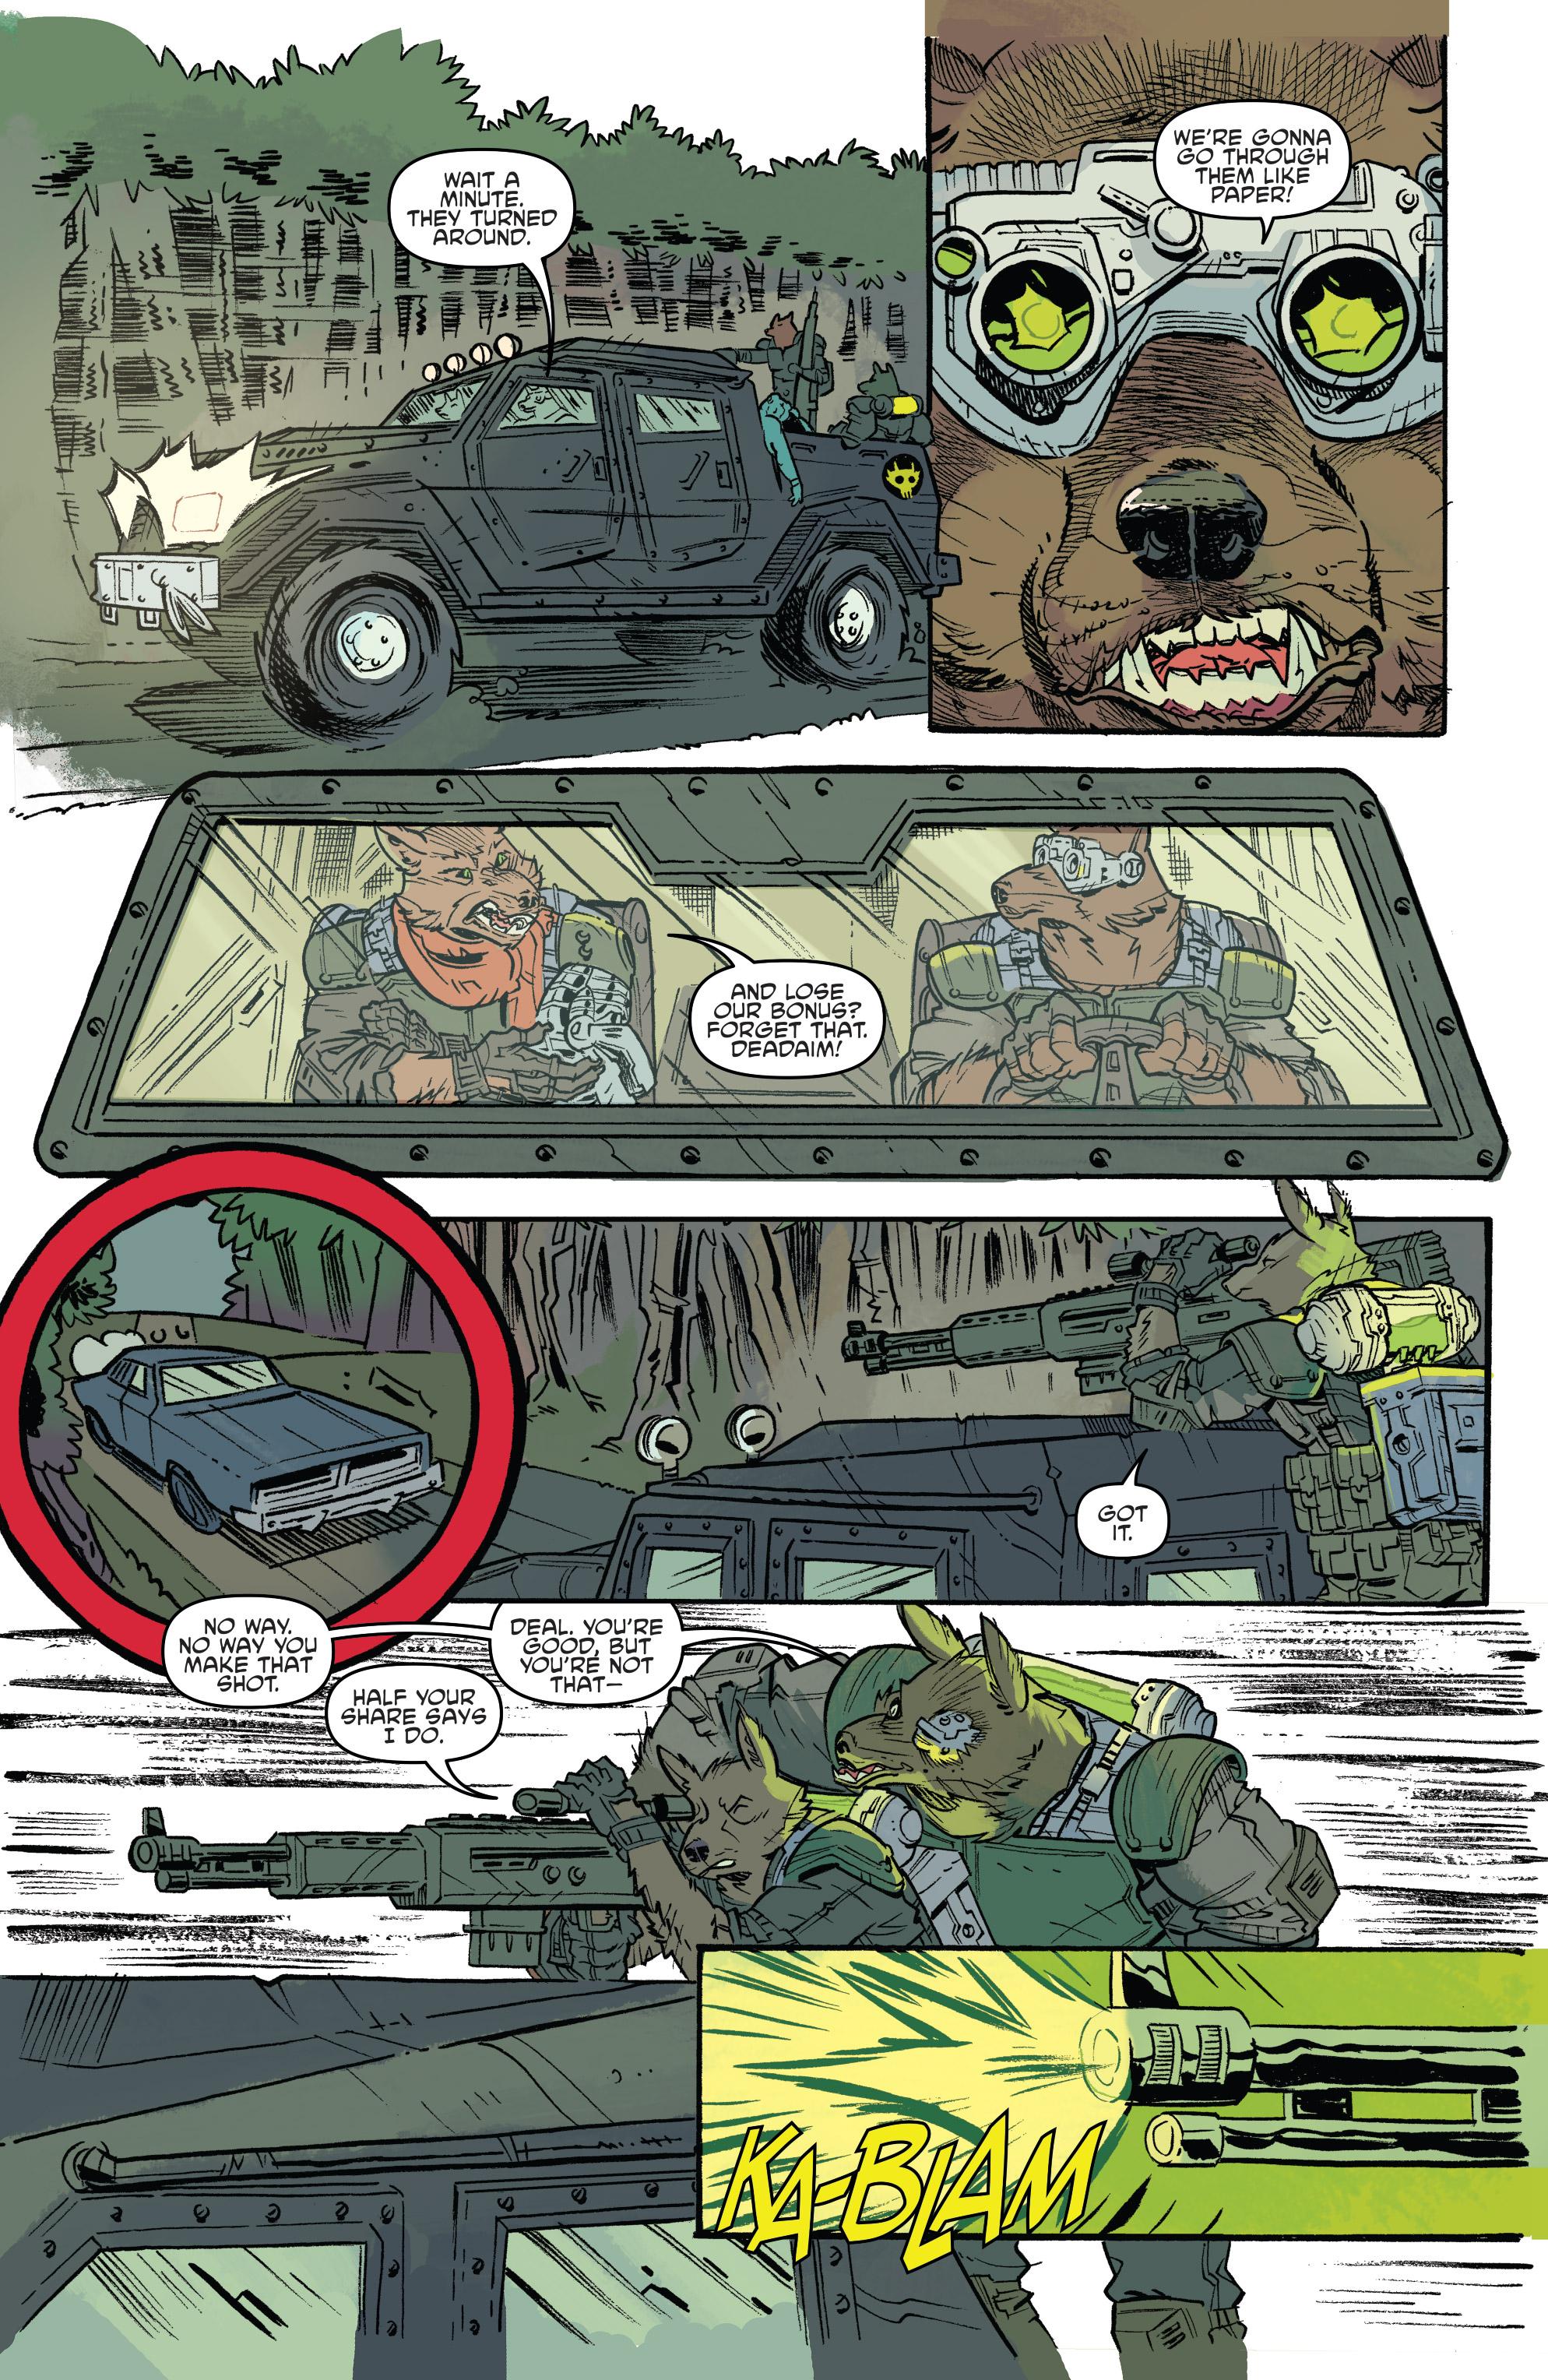 Read online Teenage Mutant Ninja Turtles Universe comic -  Issue #11 - 15